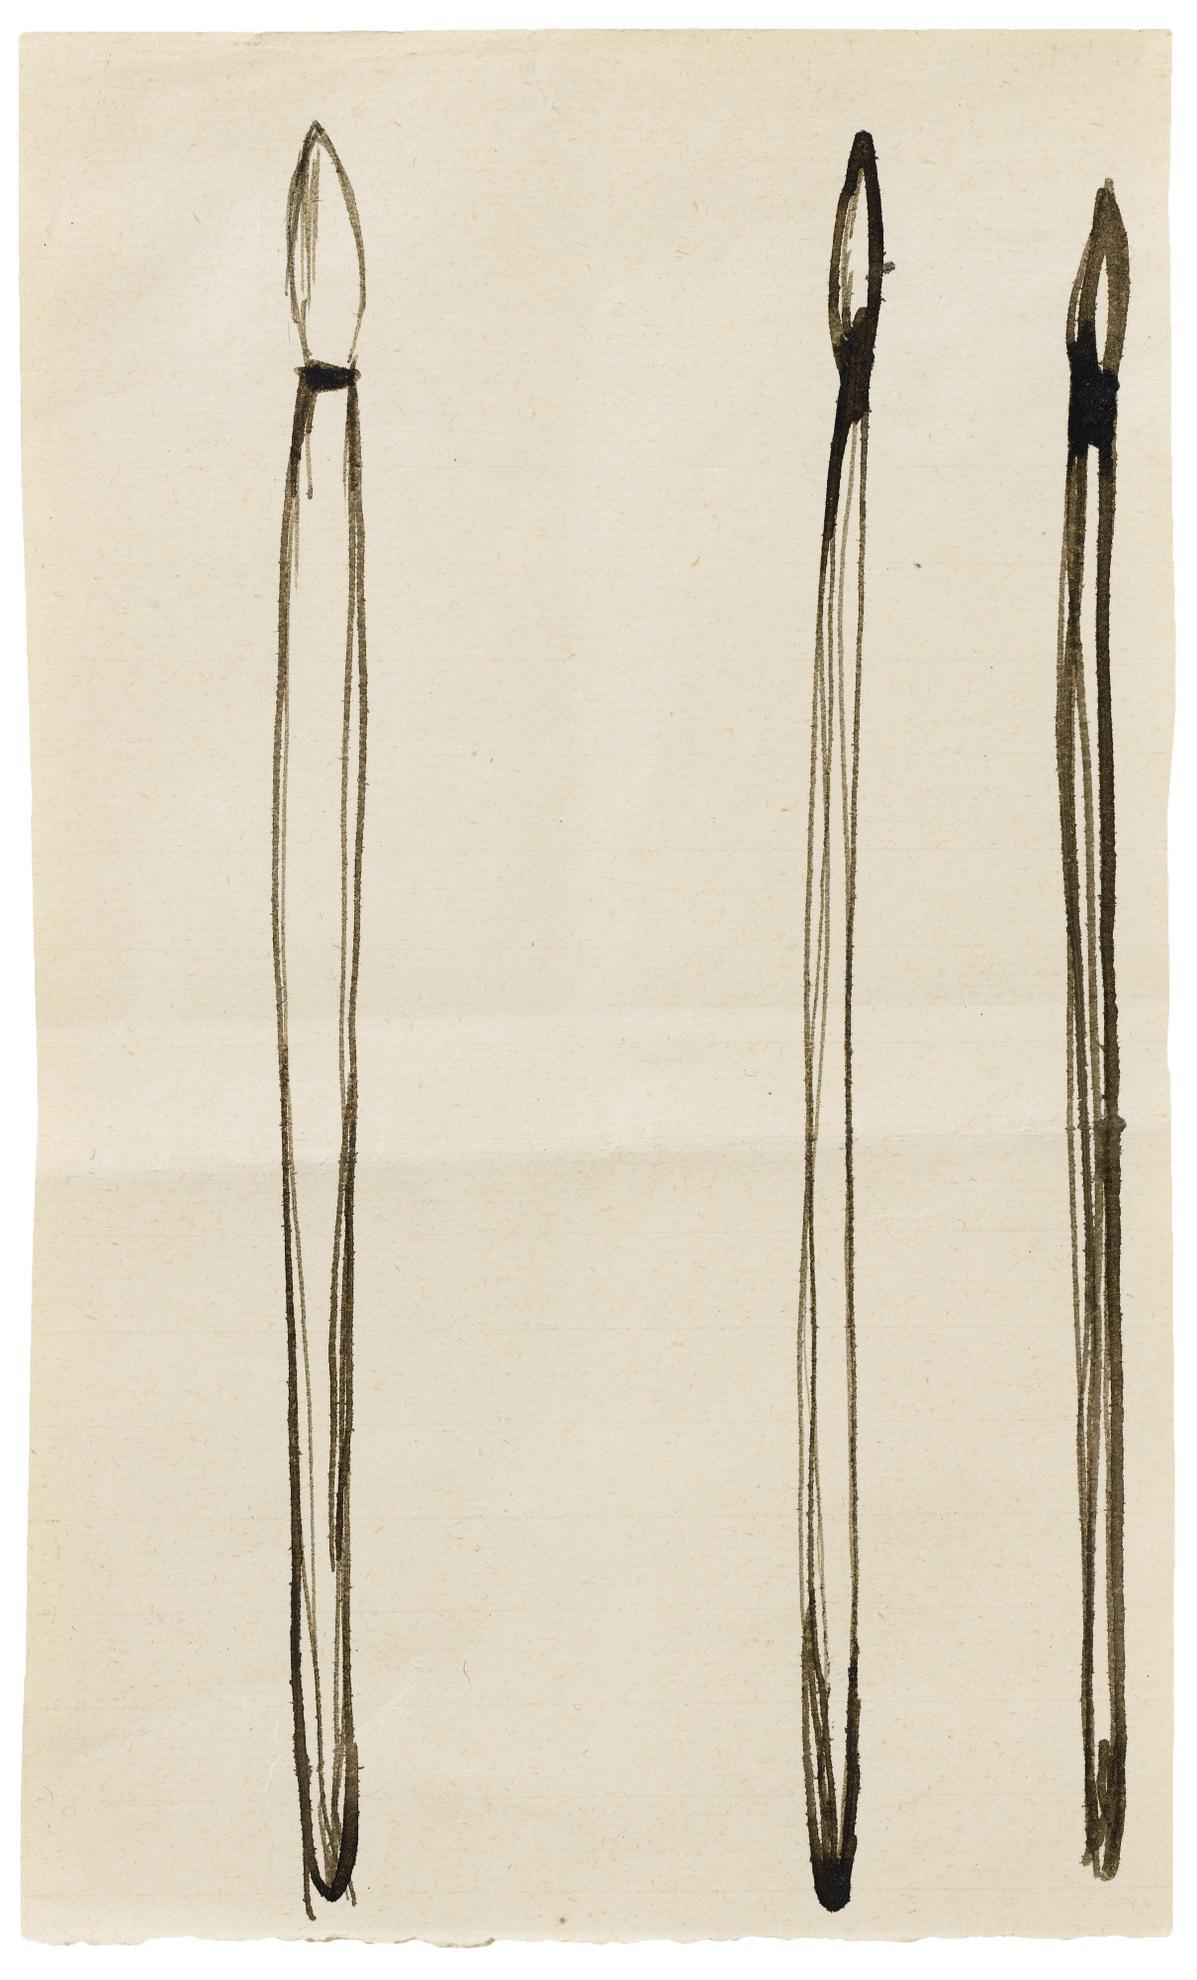 Giorgio Morandi-Pennelli (Brushes)-